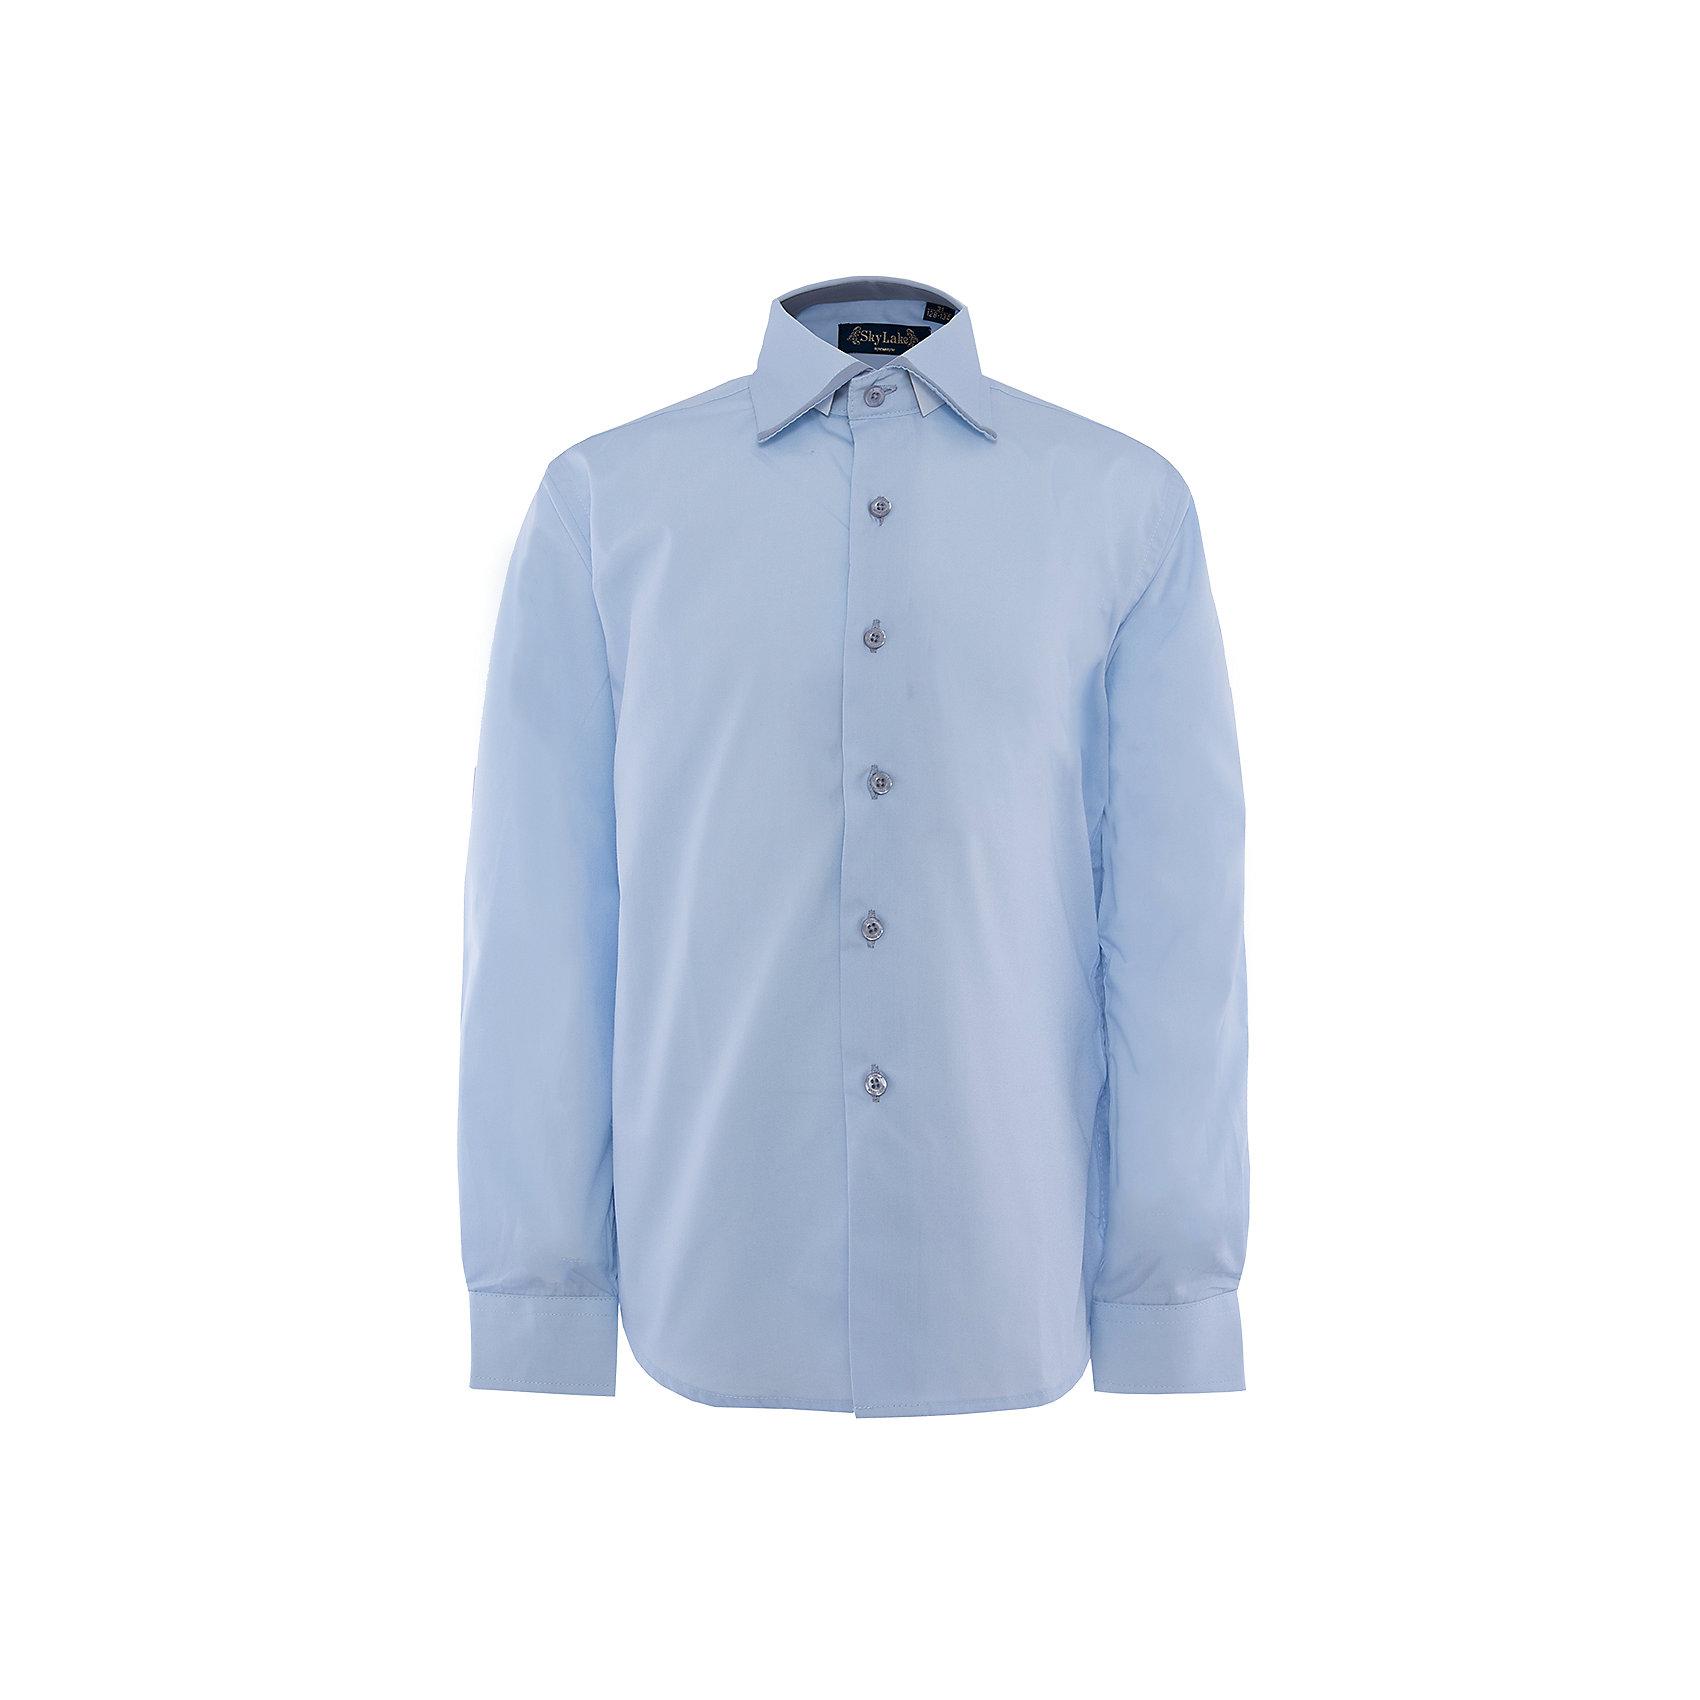 Рубашка для мальчика PREMIUM SkylakeРубашка для мальчика PREMIUM от известного бренда Skylake<br>Состав:<br>80%хлопок 20%п/э<br><br>Ширина мм: 174<br>Глубина мм: 10<br>Высота мм: 169<br>Вес г: 157<br>Цвет: голубой<br>Возраст от месяцев: 96<br>Возраст до месяцев: 108<br>Пол: Мужской<br>Возраст: Детский<br>Размер: 134,152,140,122,158,128,146<br>SKU: 4877767